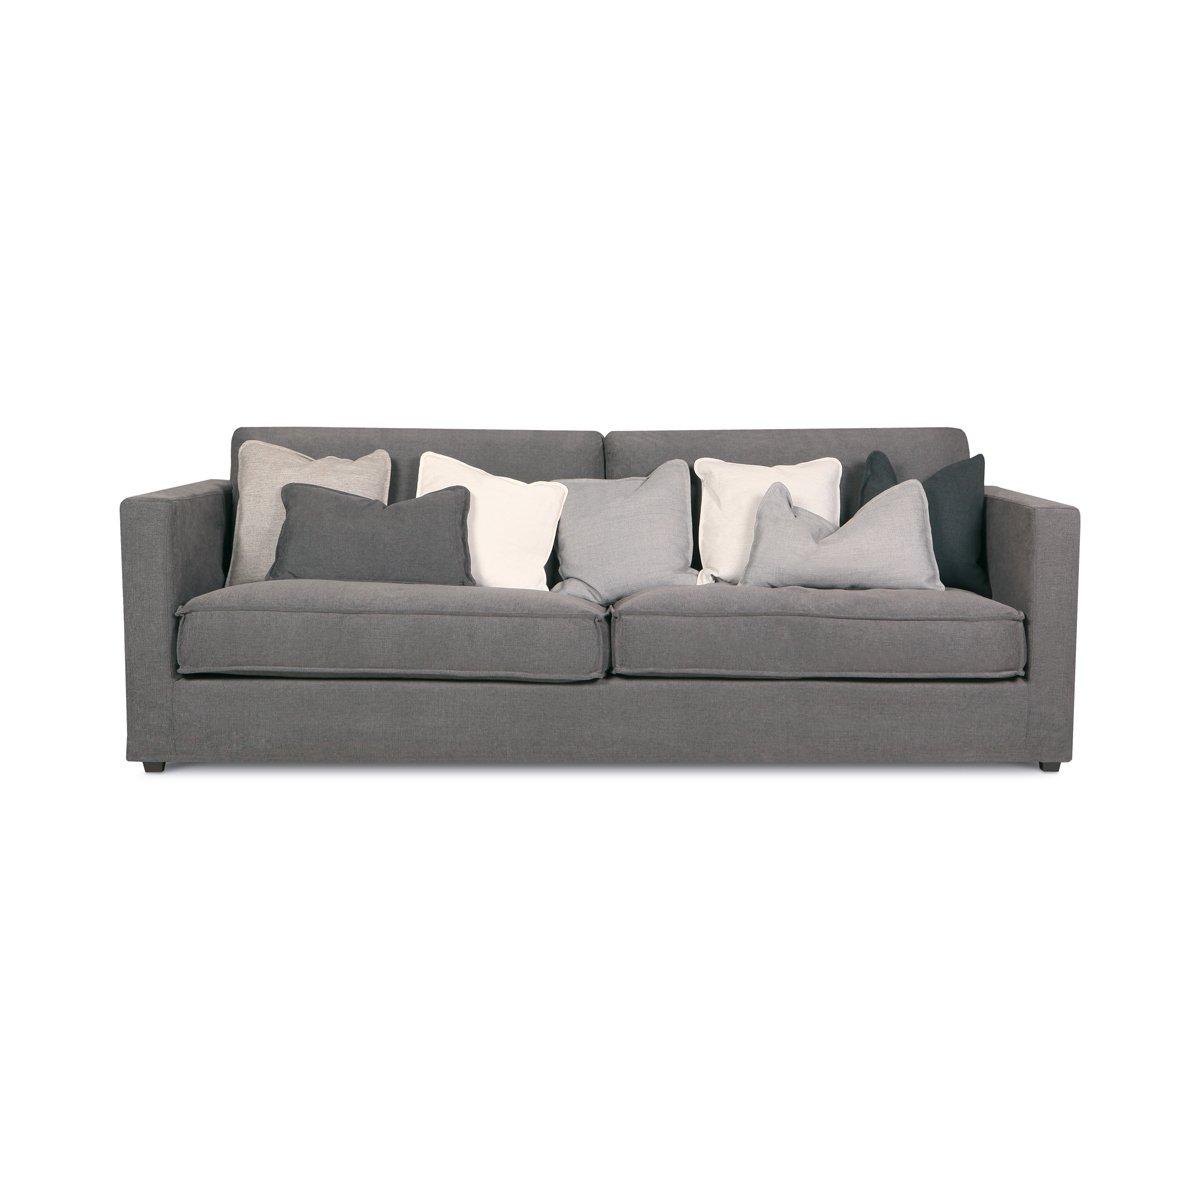 Canape design grenoble meubles et atmosphere for Canapé design gris